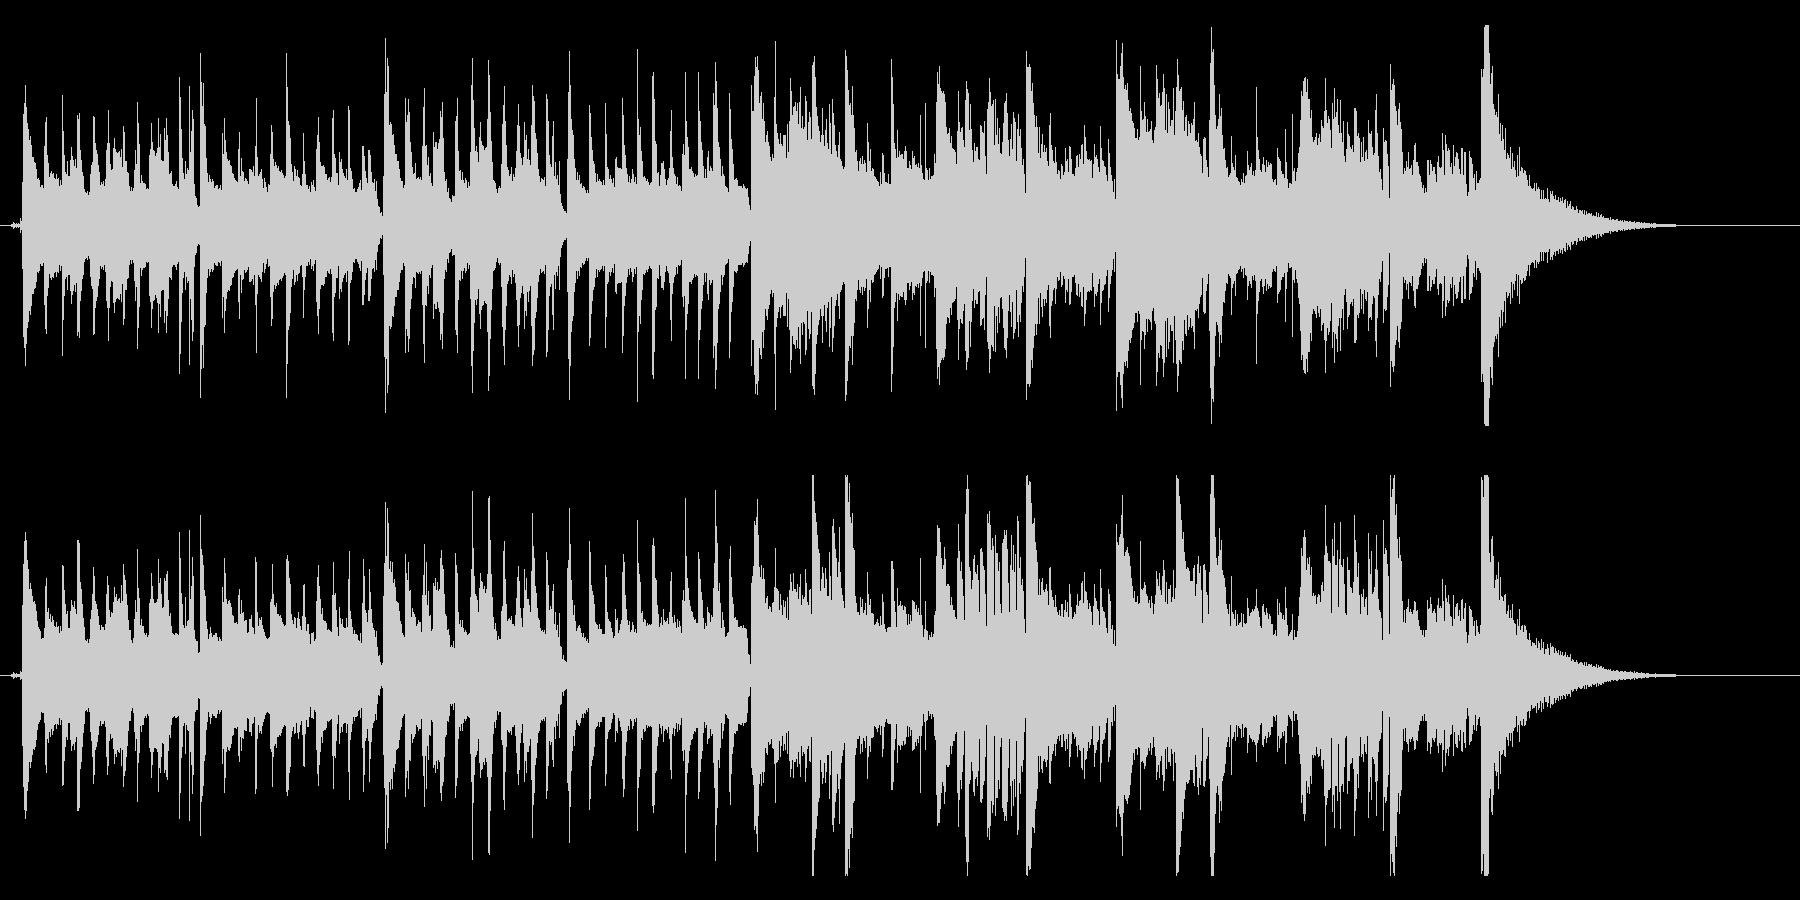 生録音マンドリンとアコギ落ち着いた雰囲気の未再生の波形